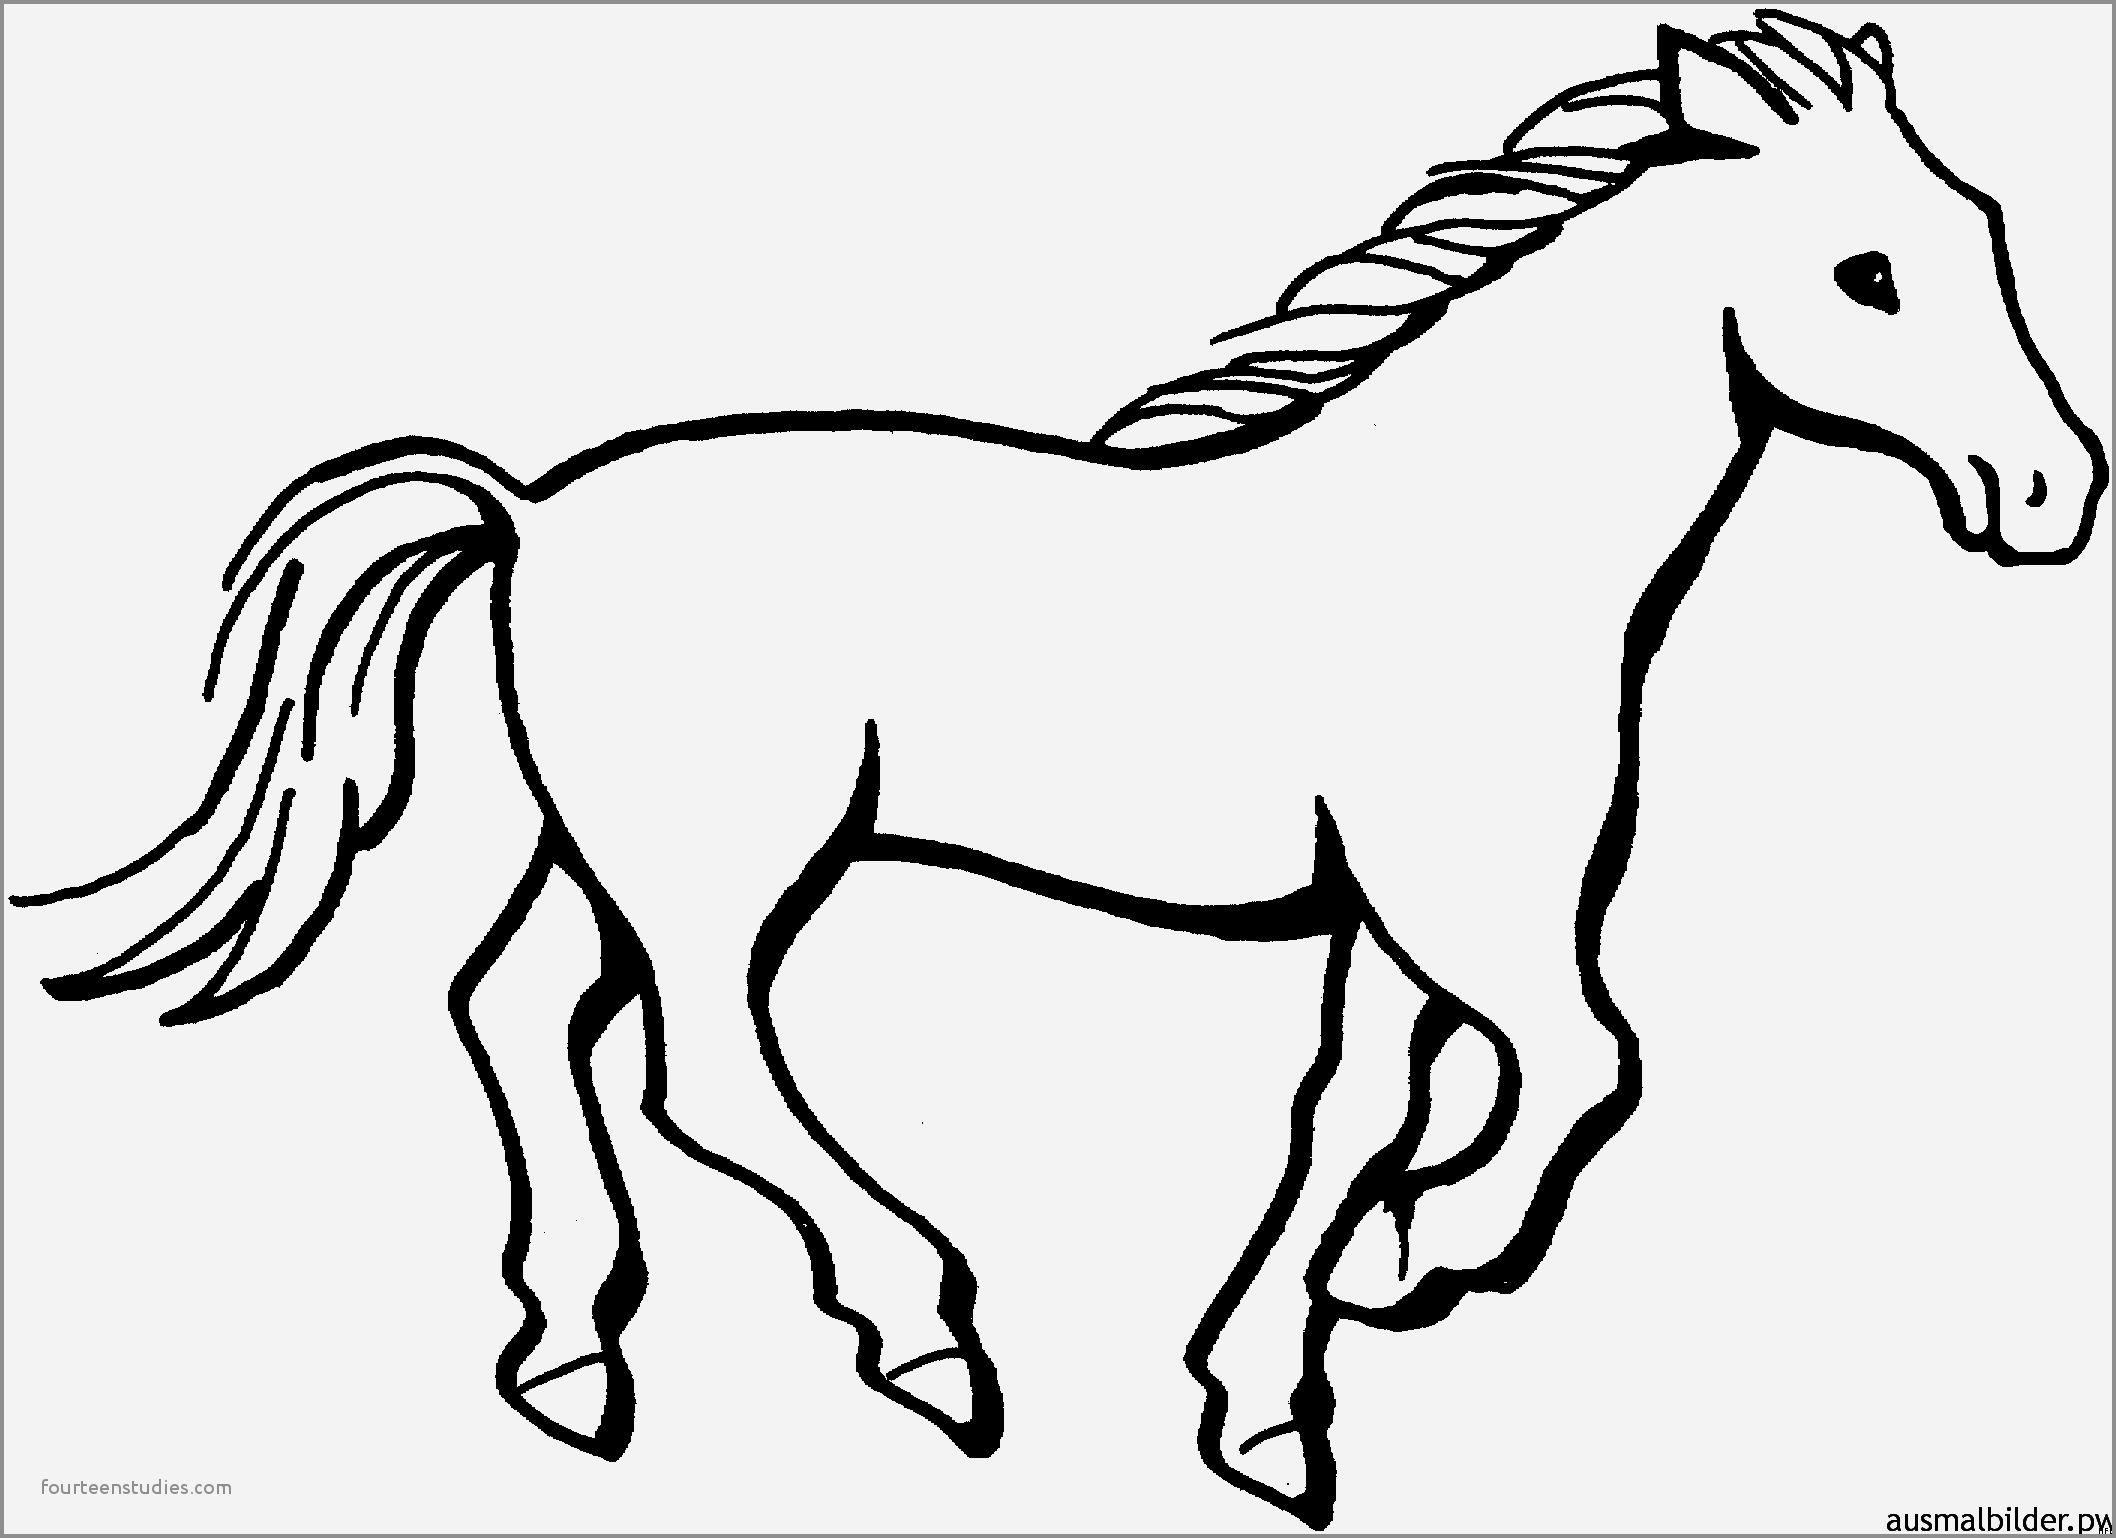 pferde ausmalbilder #ausmalbilder #pferde  Malvorlagen pferde